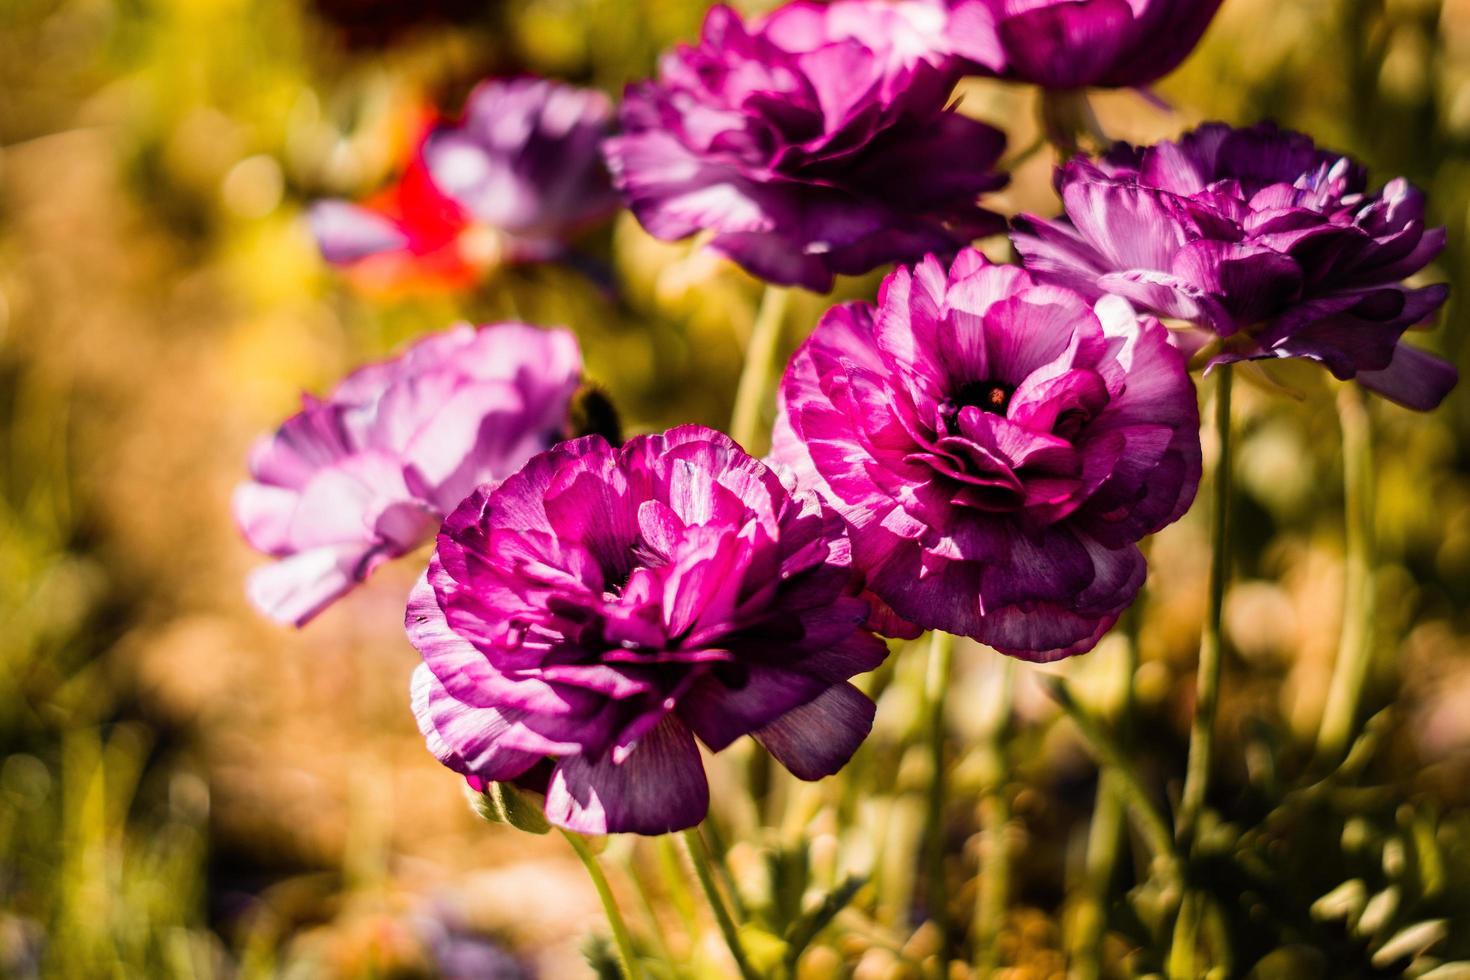 fleurs violettes au soleil photo